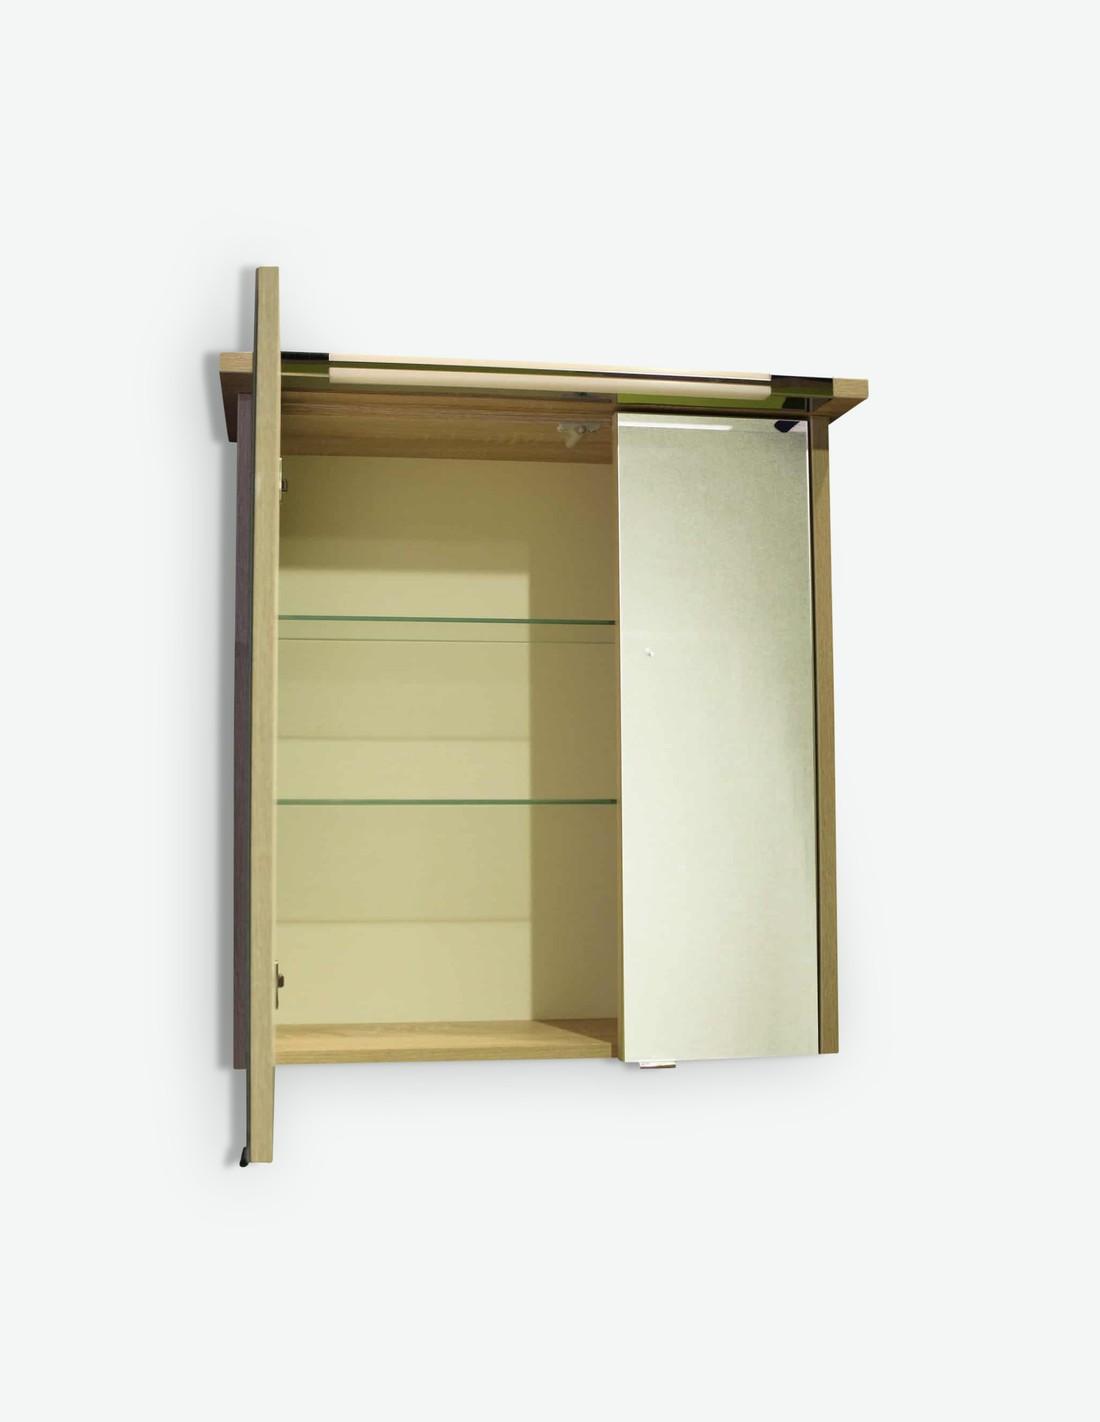 Porta avantishop for Ecksofa porta